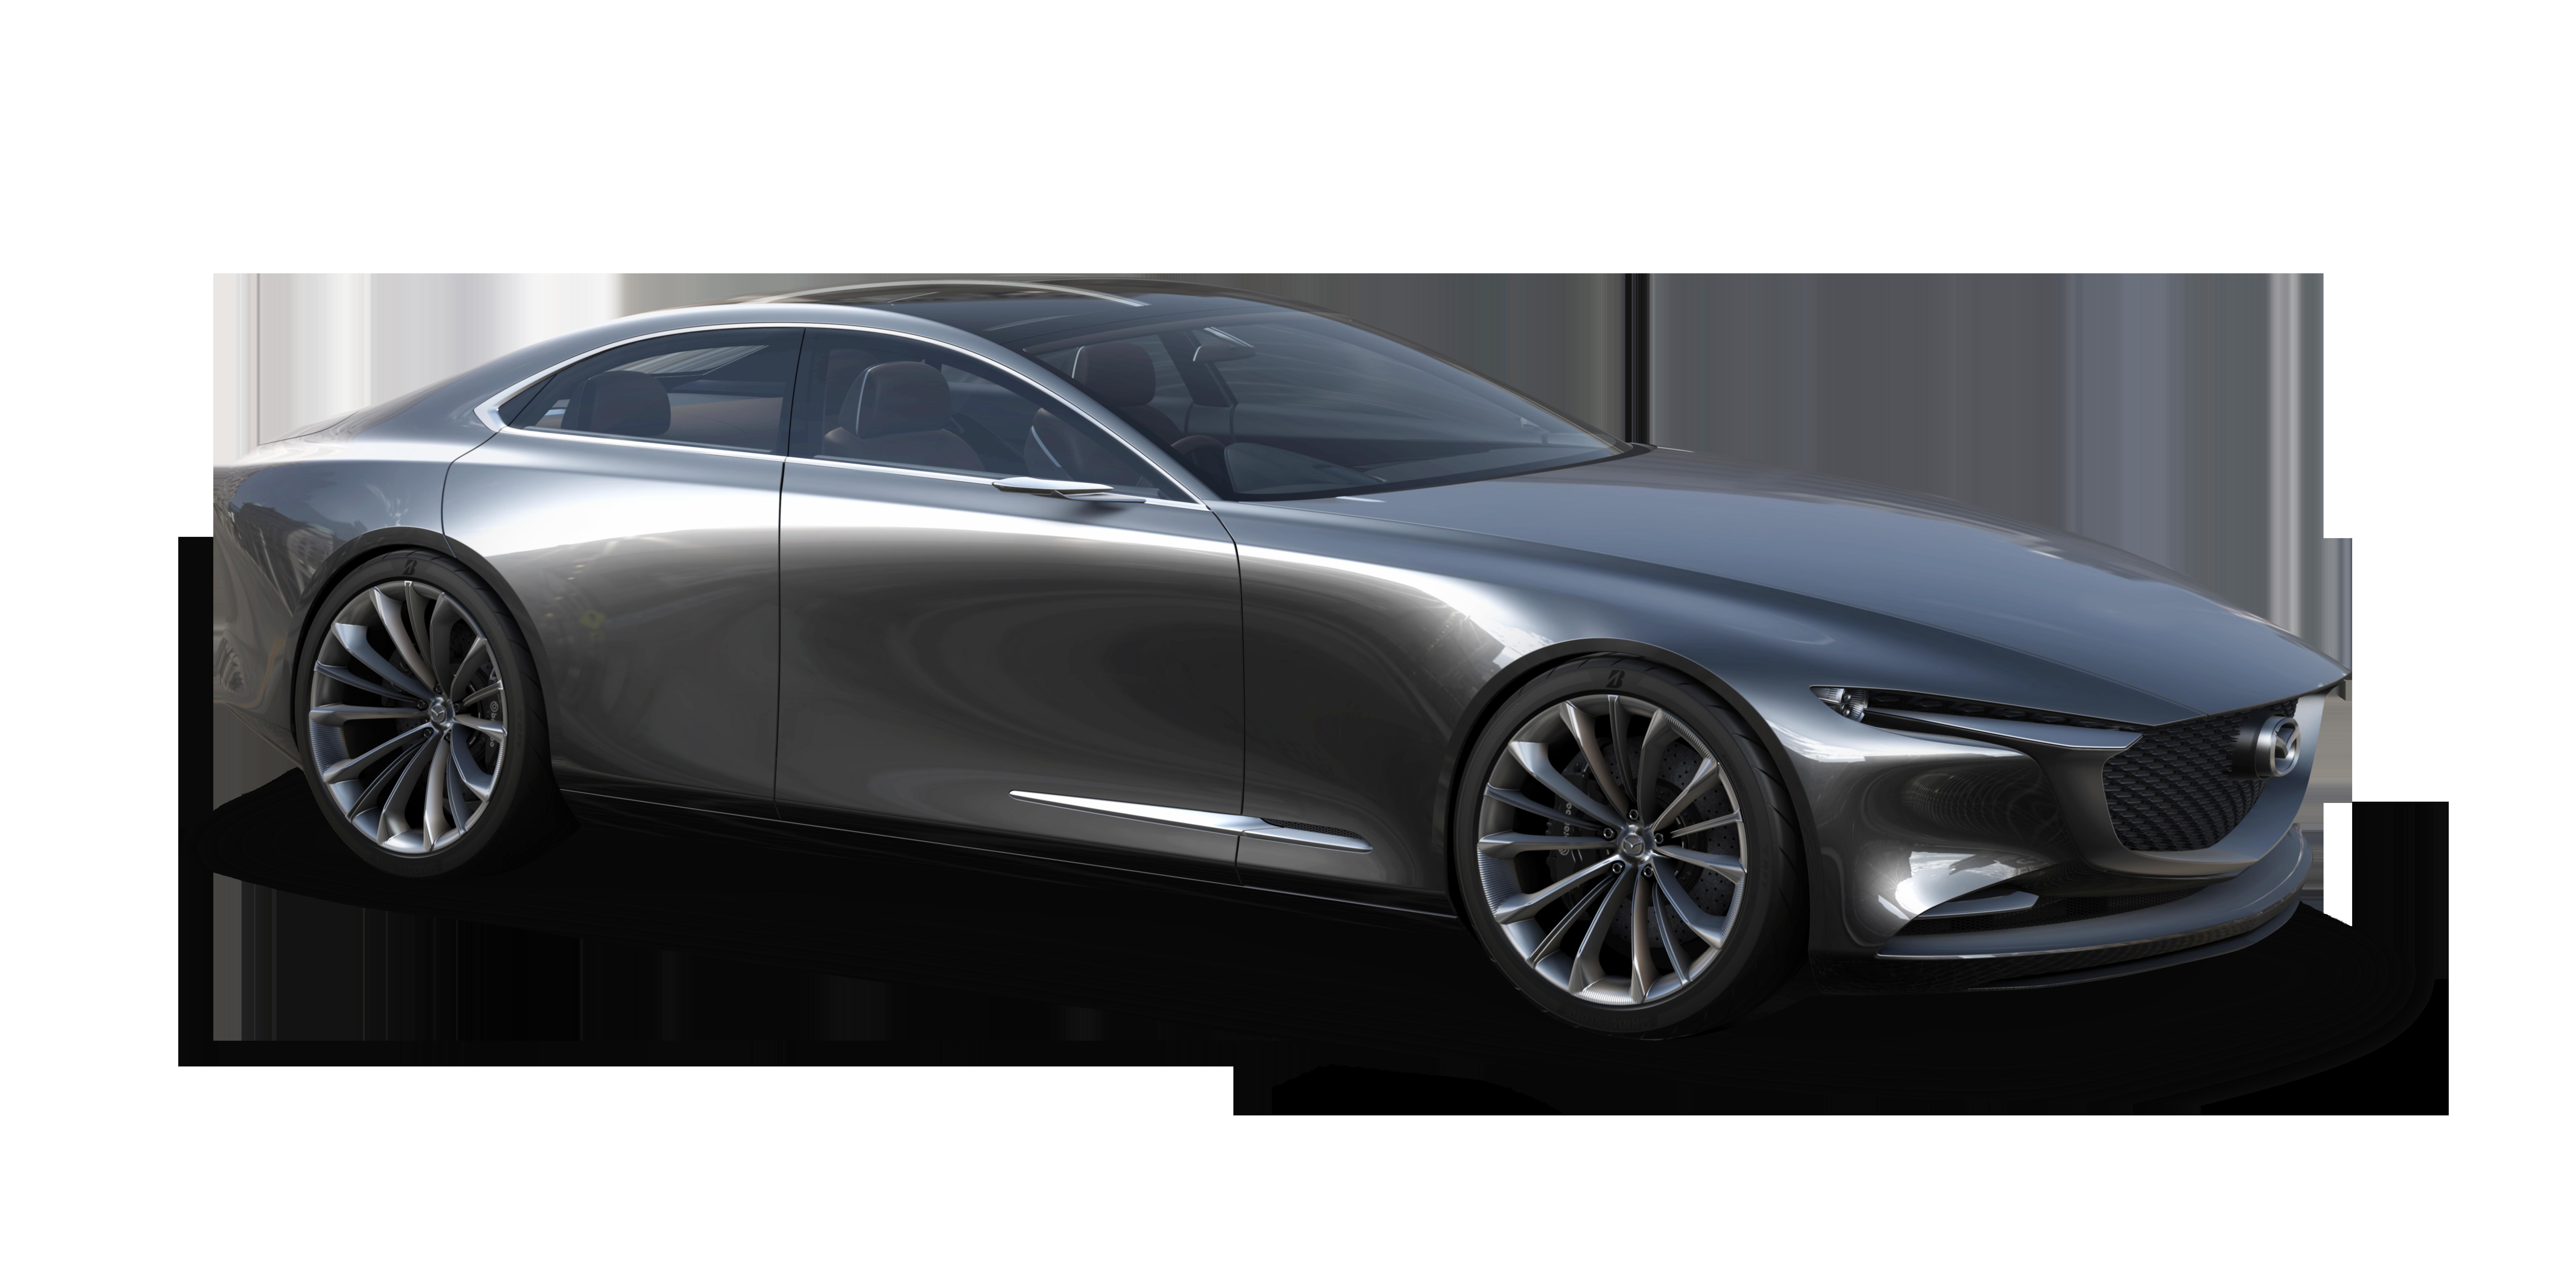 2017 Mazda Concept Vision